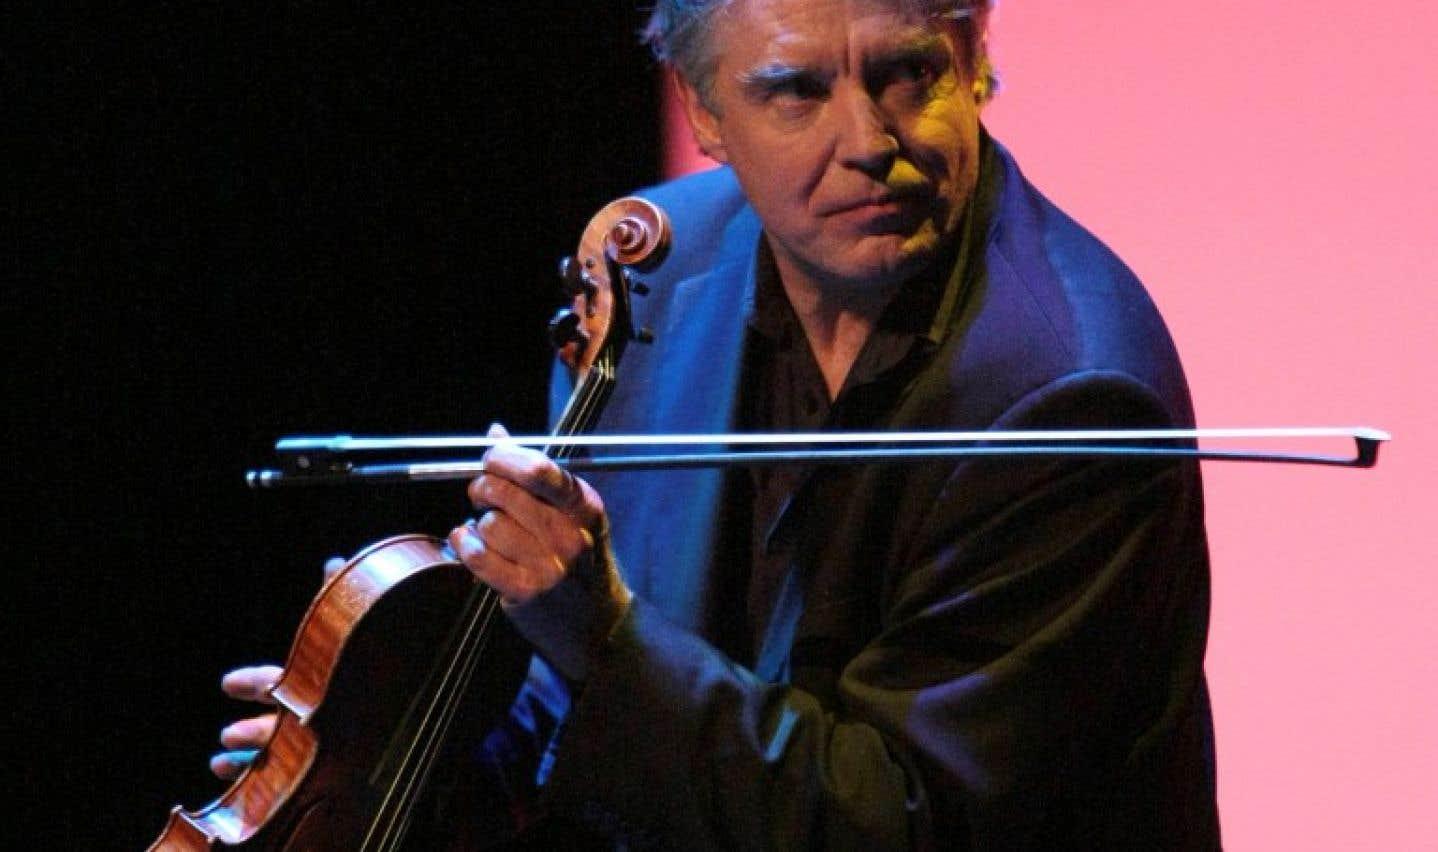 Le violoniste français de jazz Didier Lockwood en 2008